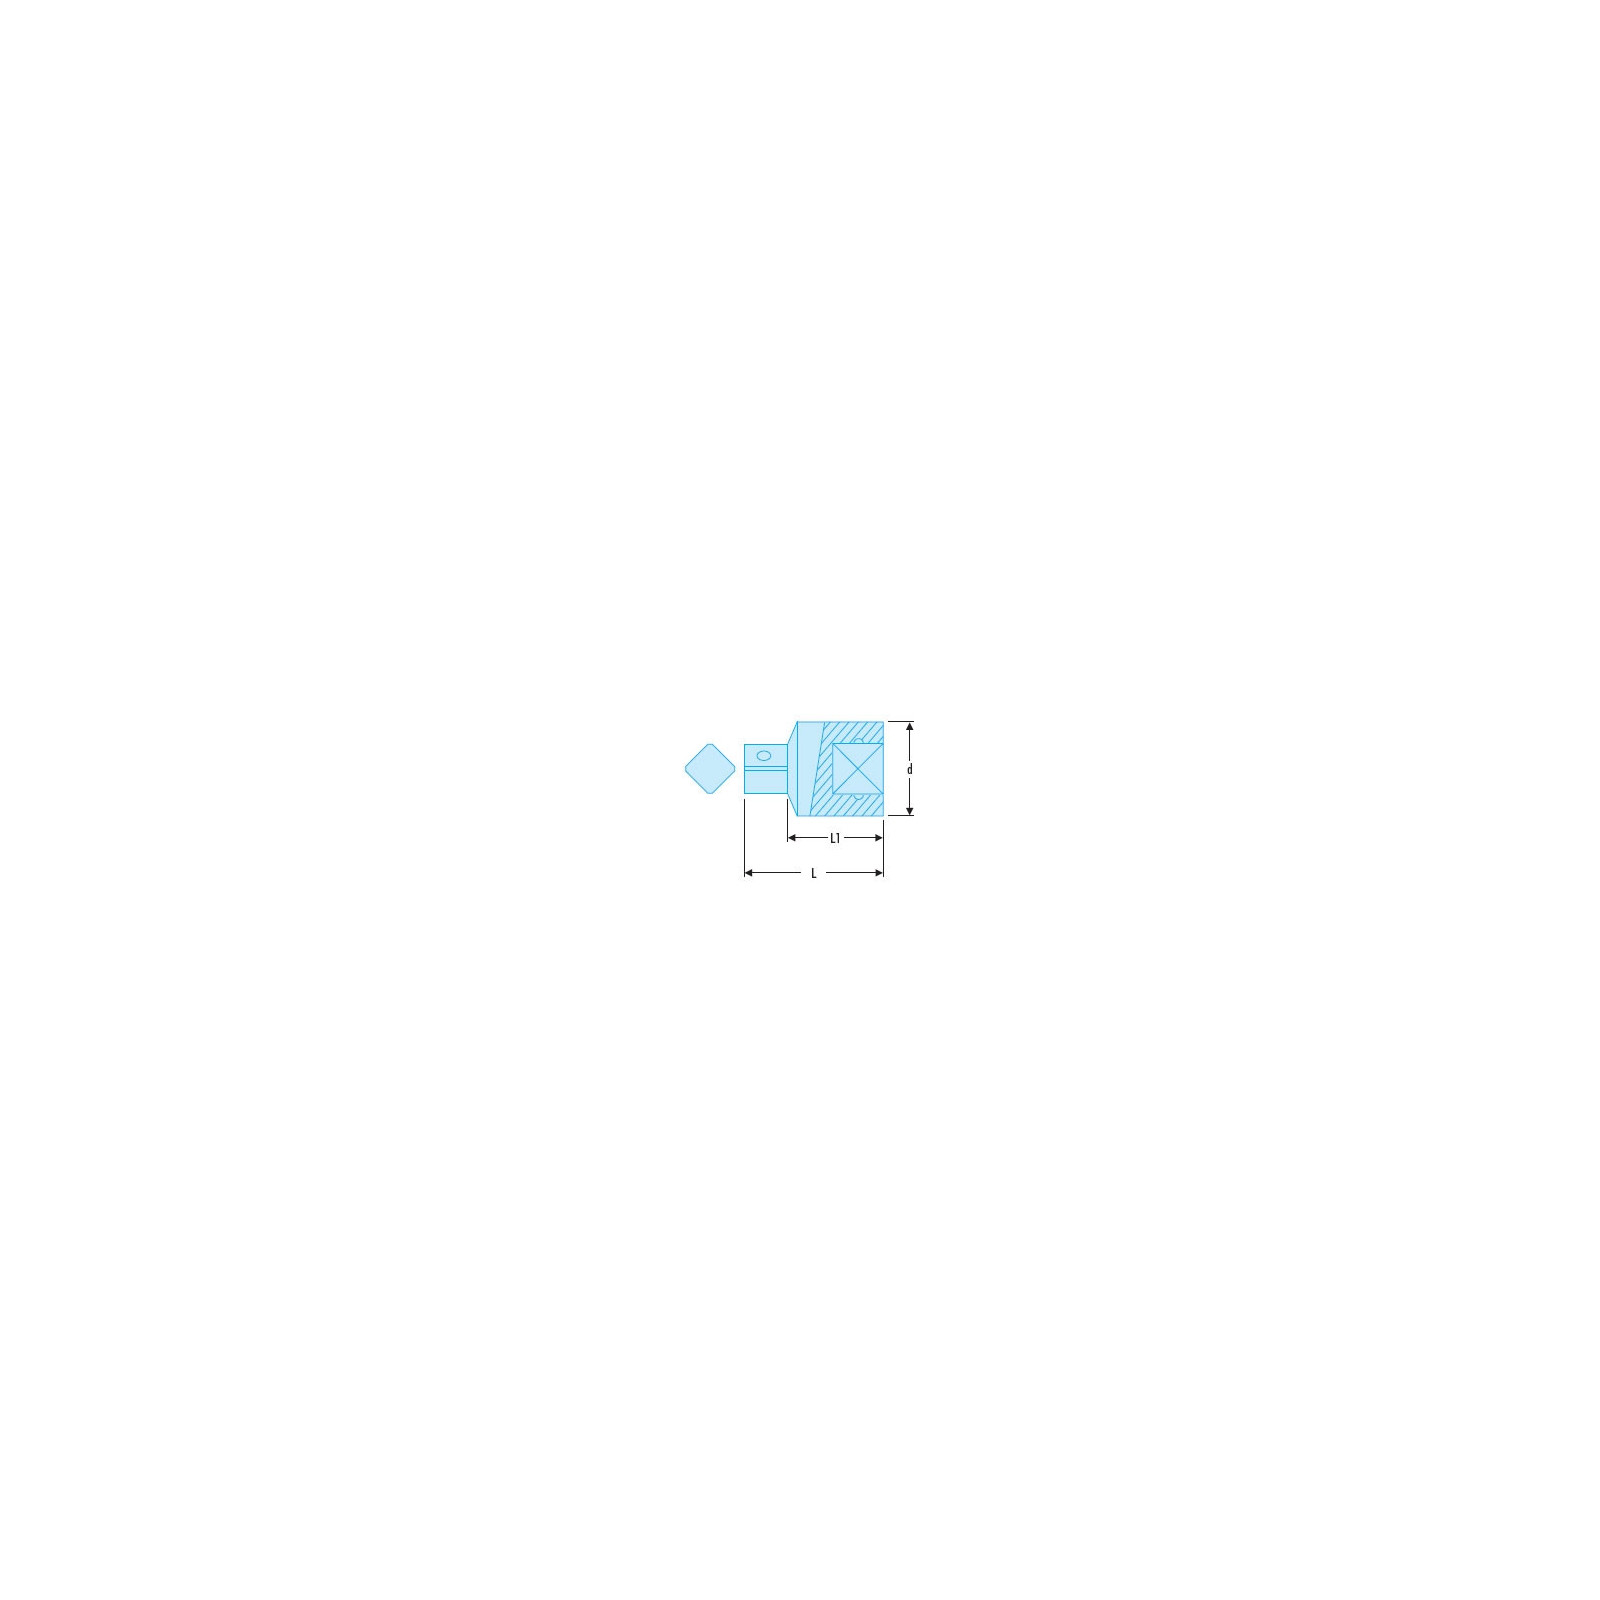 Réducteur 3/8 à 1/4 - Facom J.230